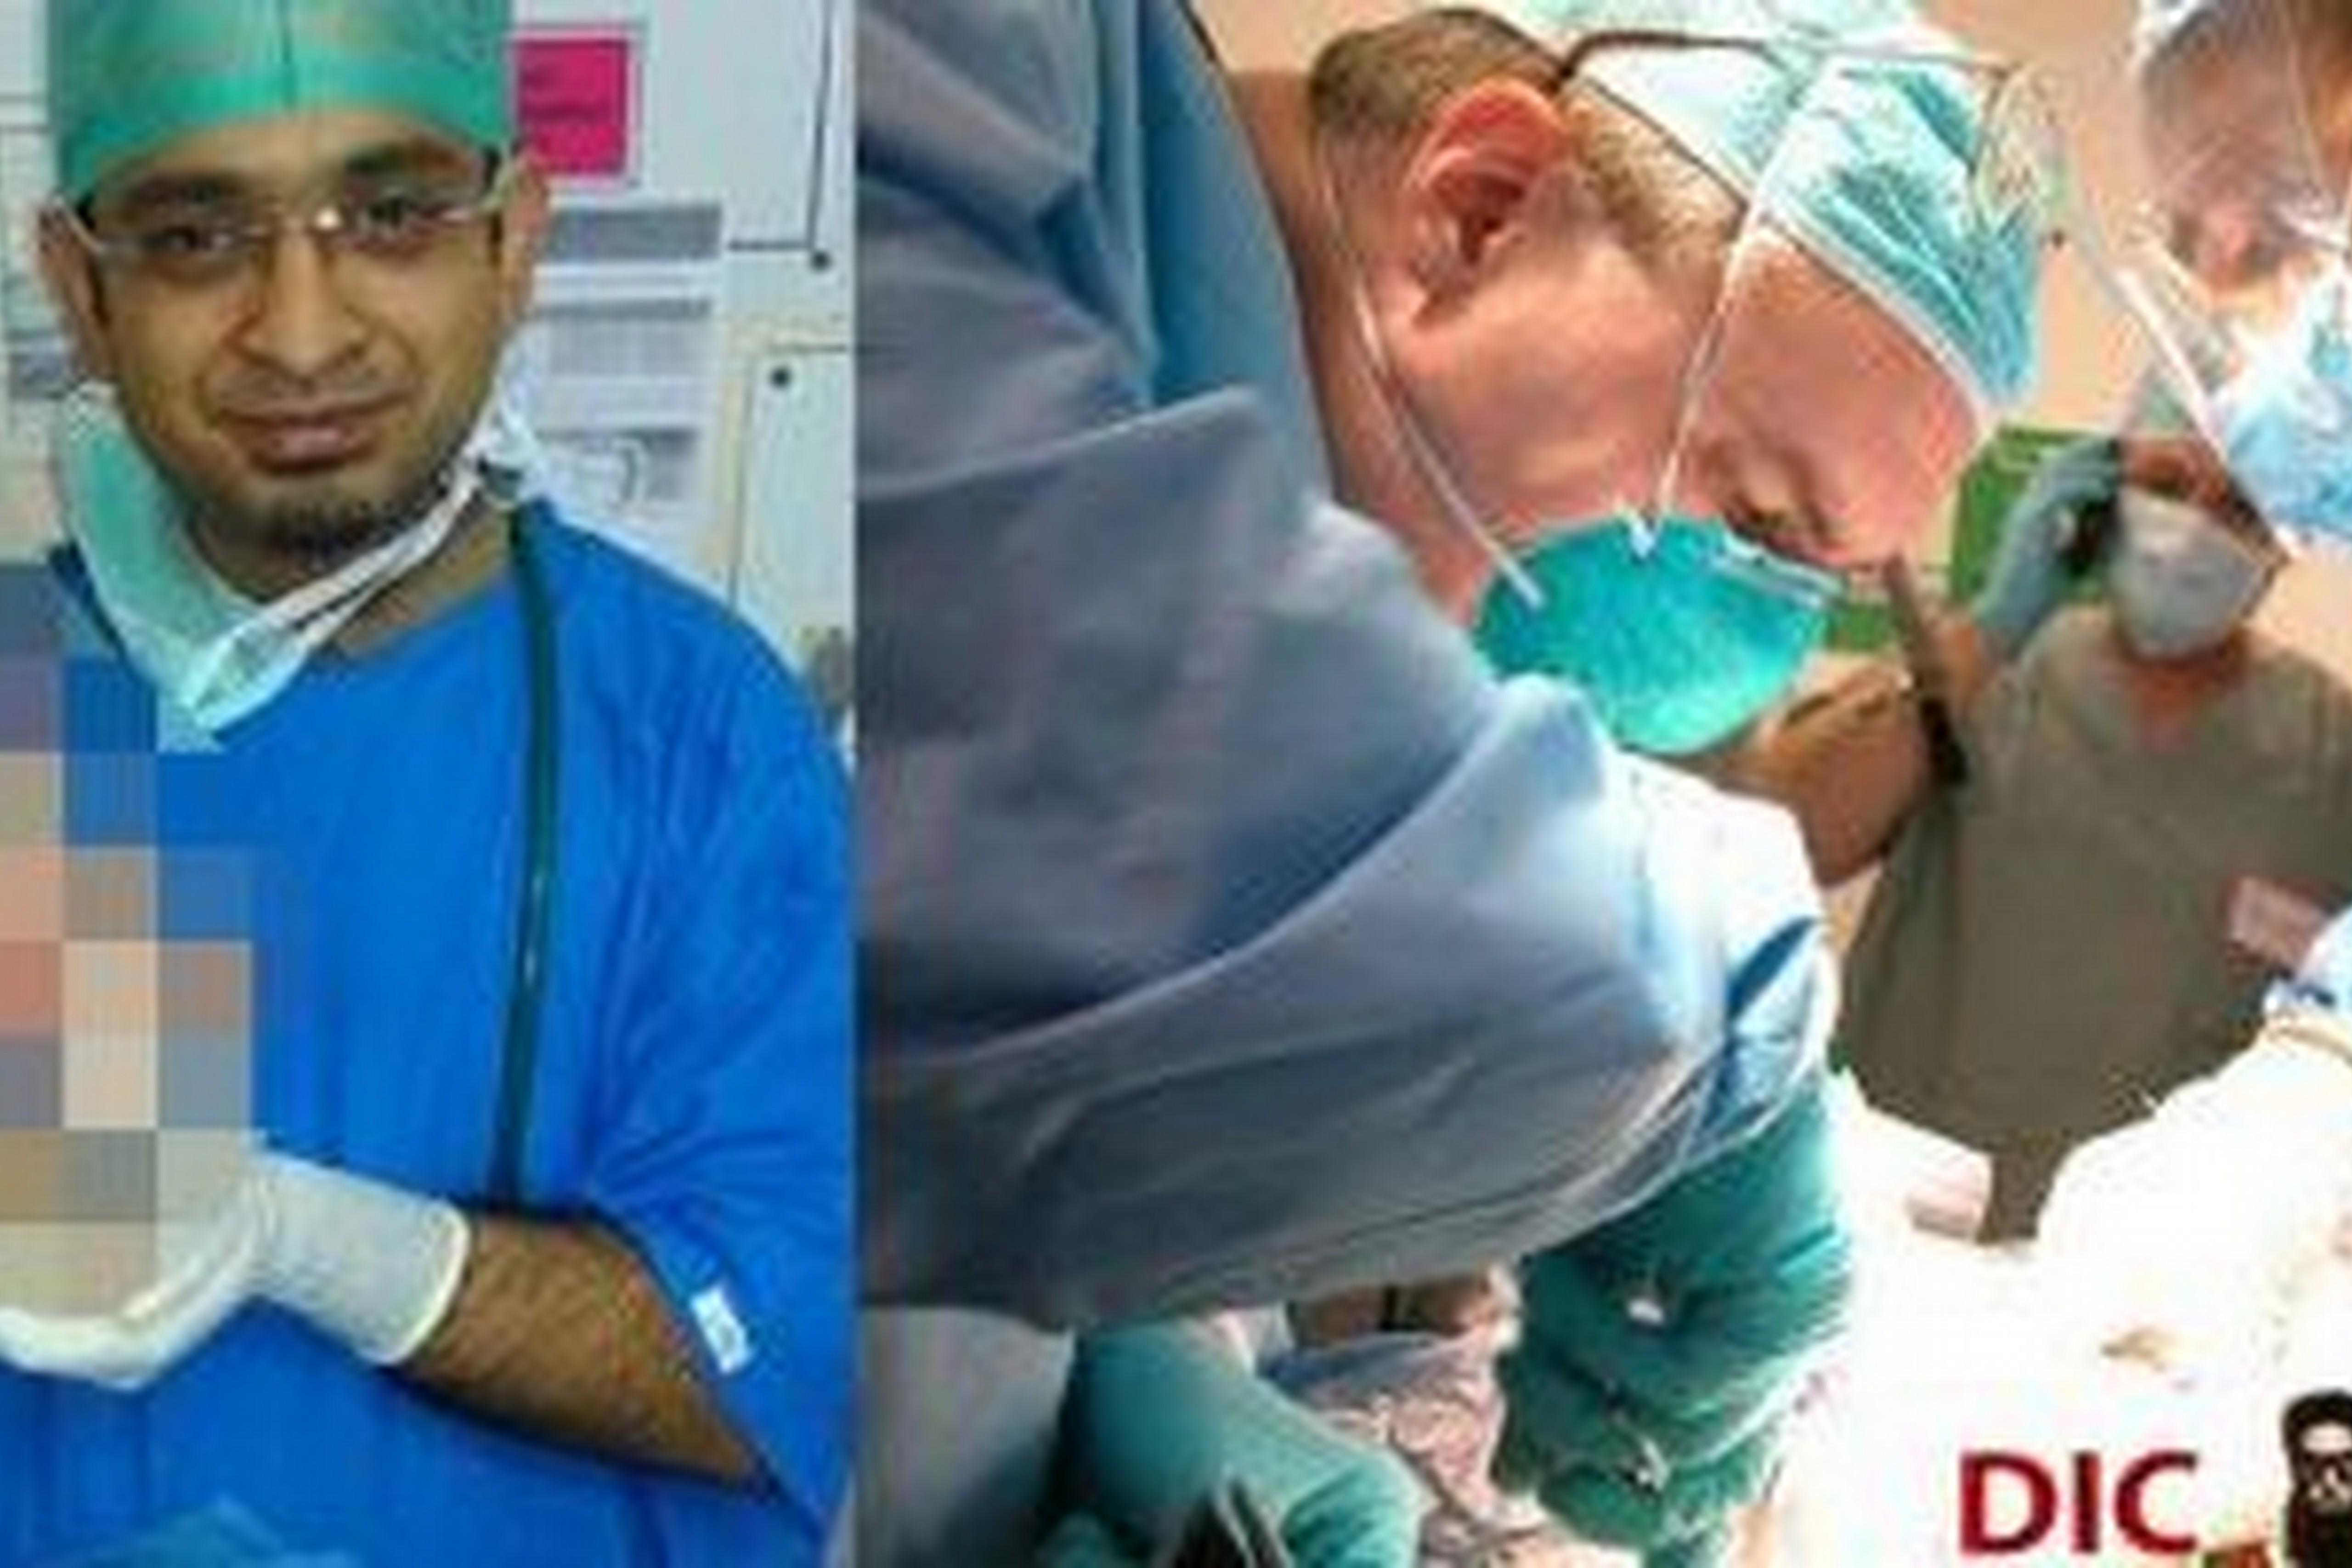 Indijā piedzima mazulis, kurš pārbiedēja ārstus